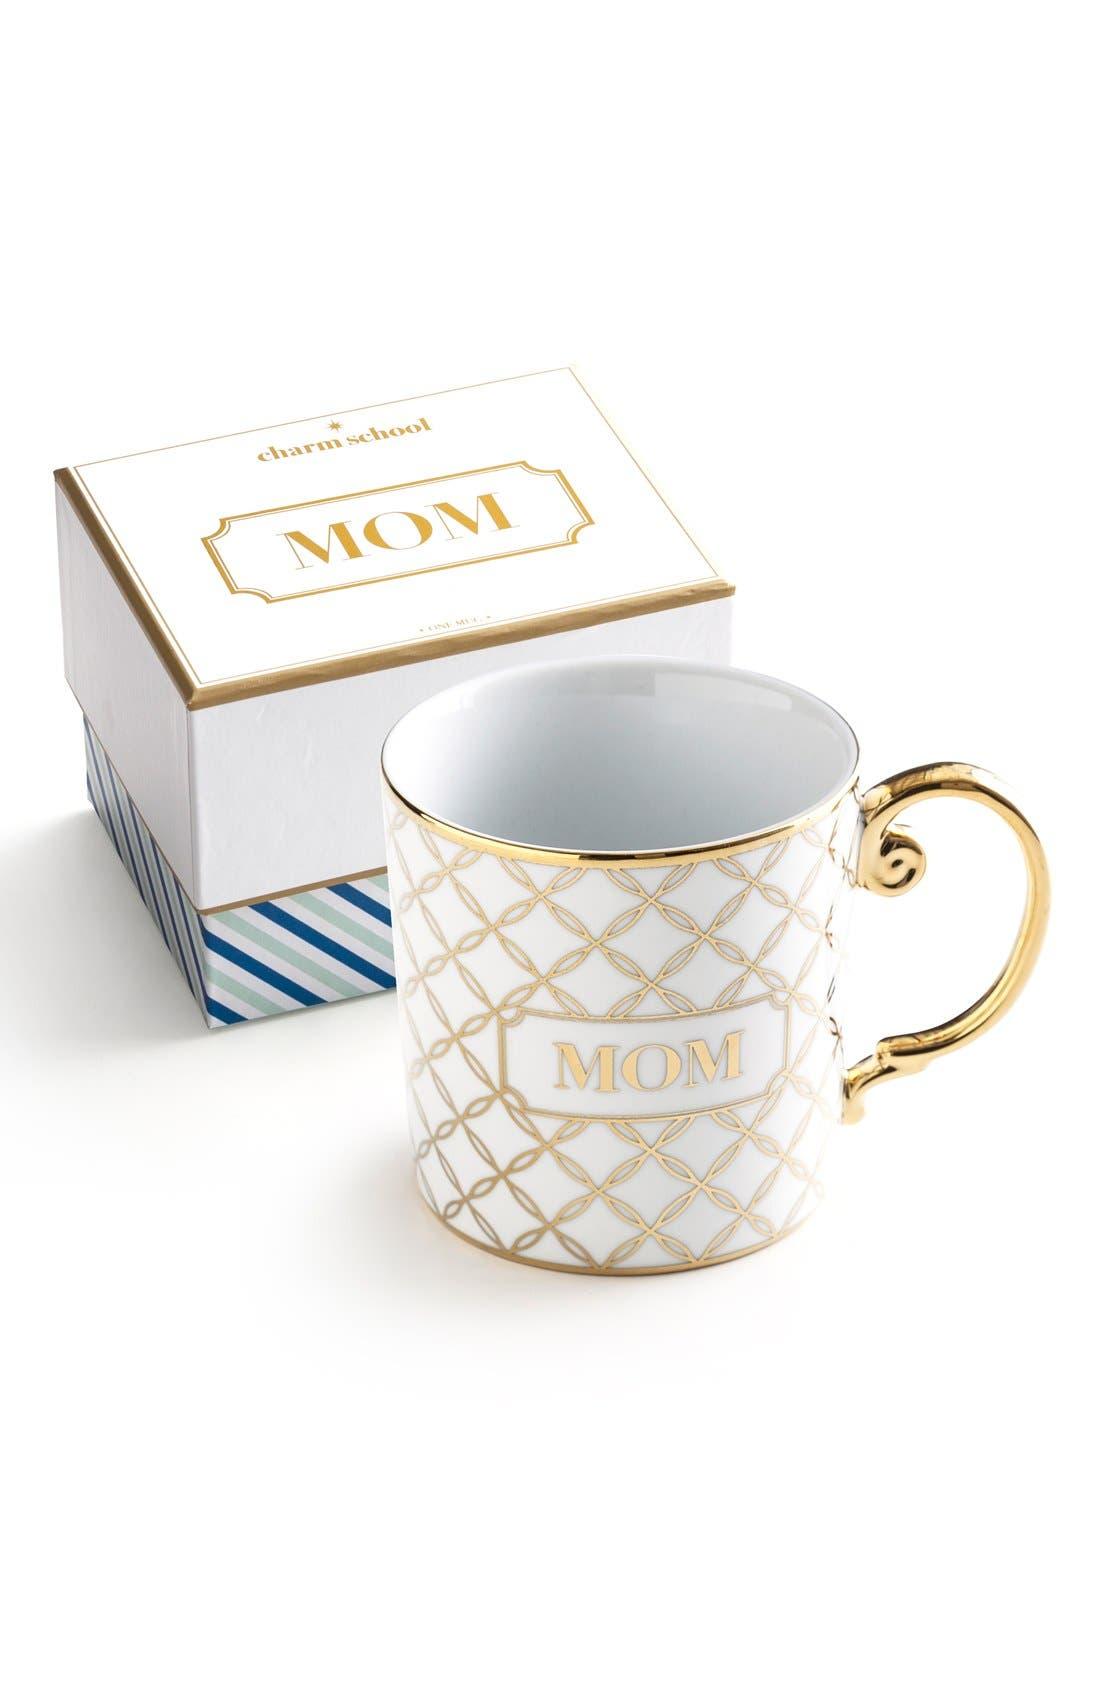 'Mom' Porcelain Coffee Mug,                         Main,                         color, White/ Gold